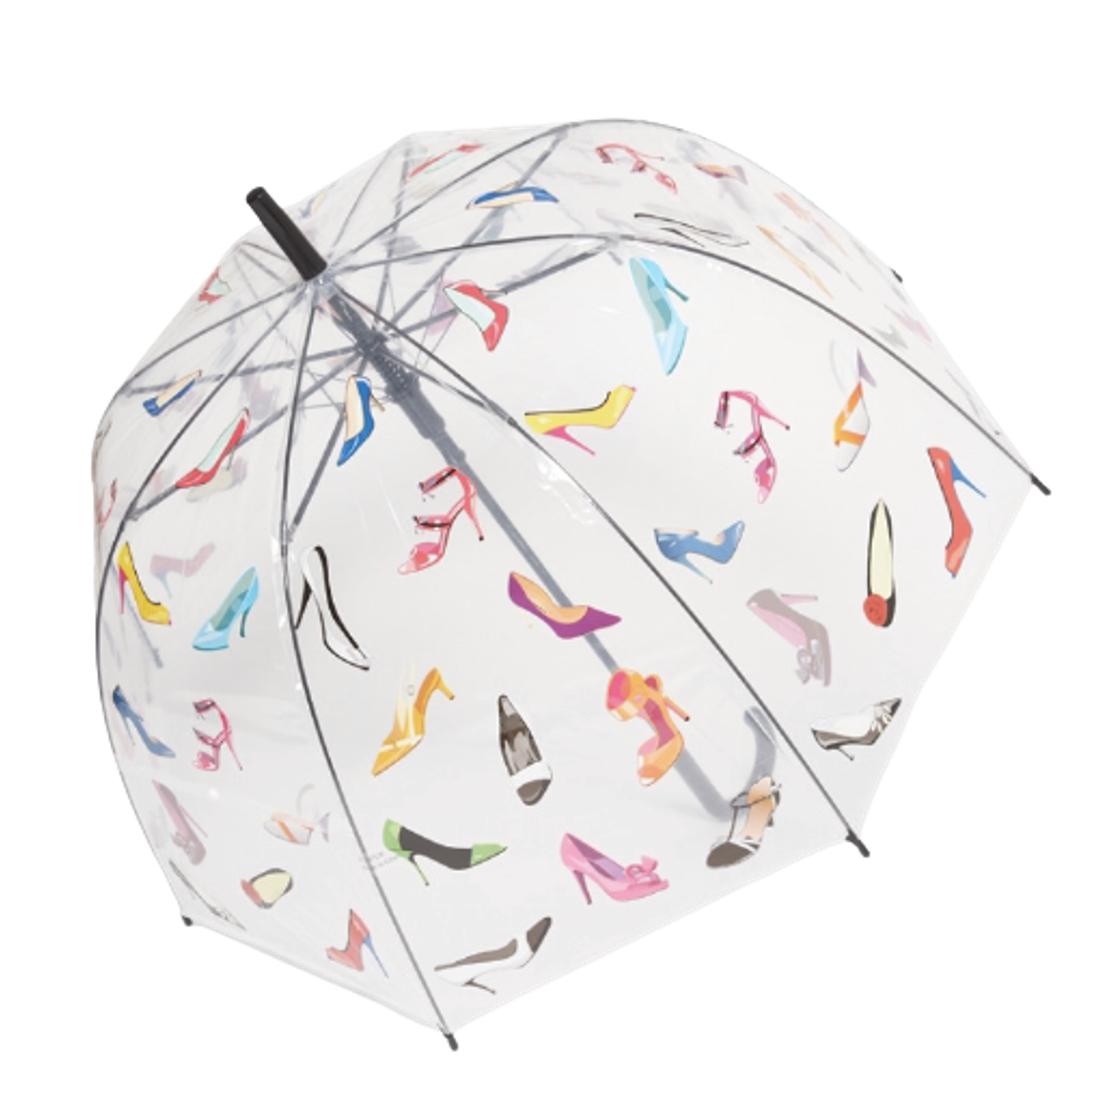 Průhledný deštník fashion